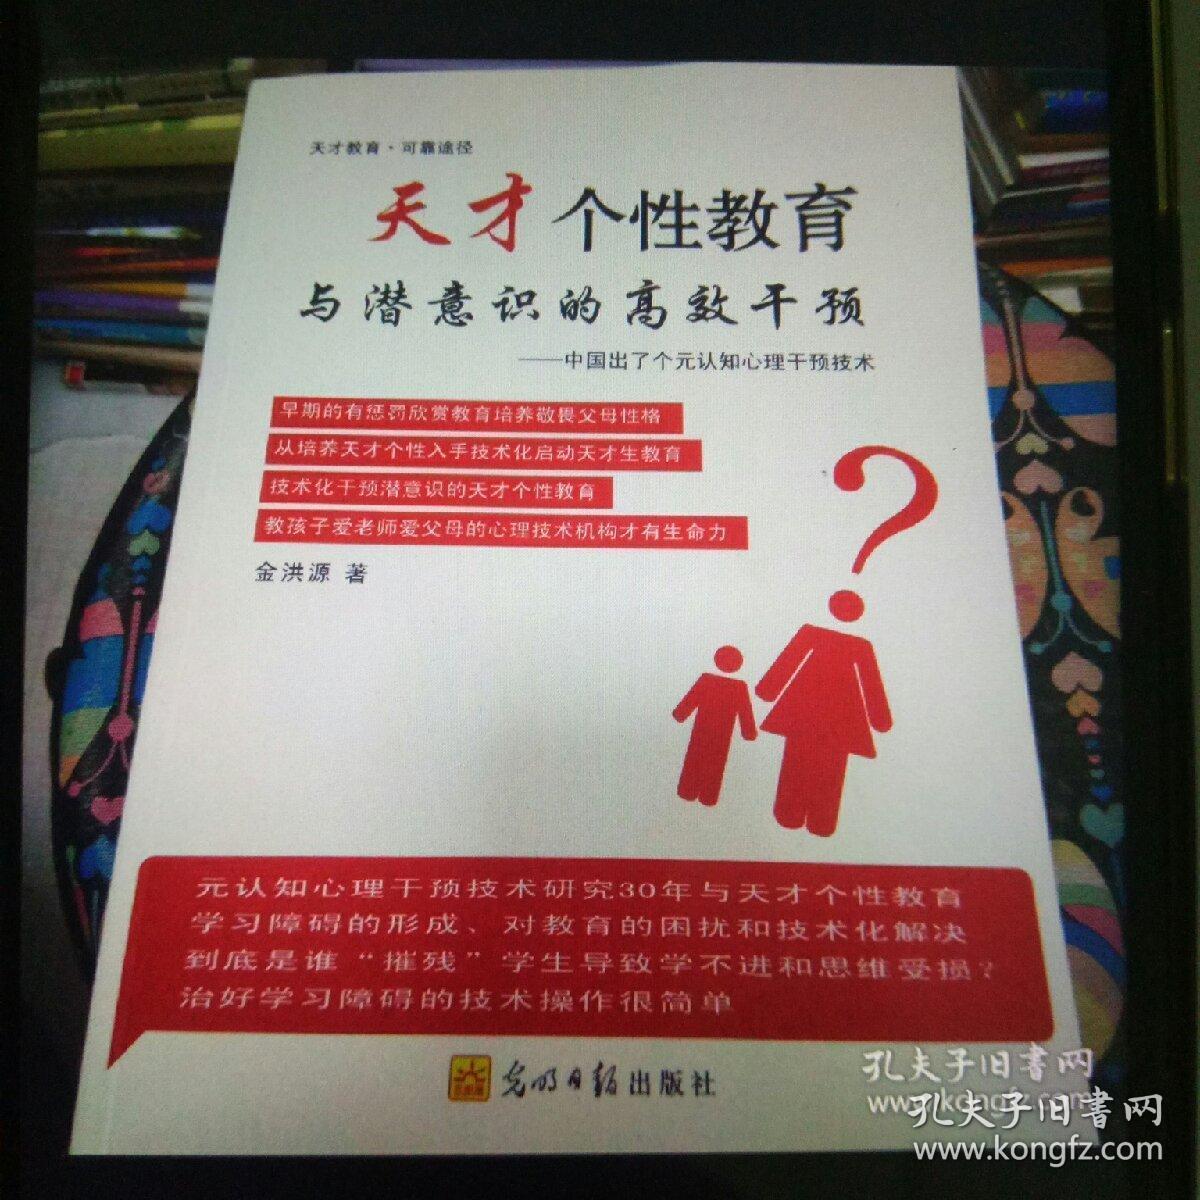 天才个性教育与潜意识的高效干预 : 中国出了个元 认知心理干预技术